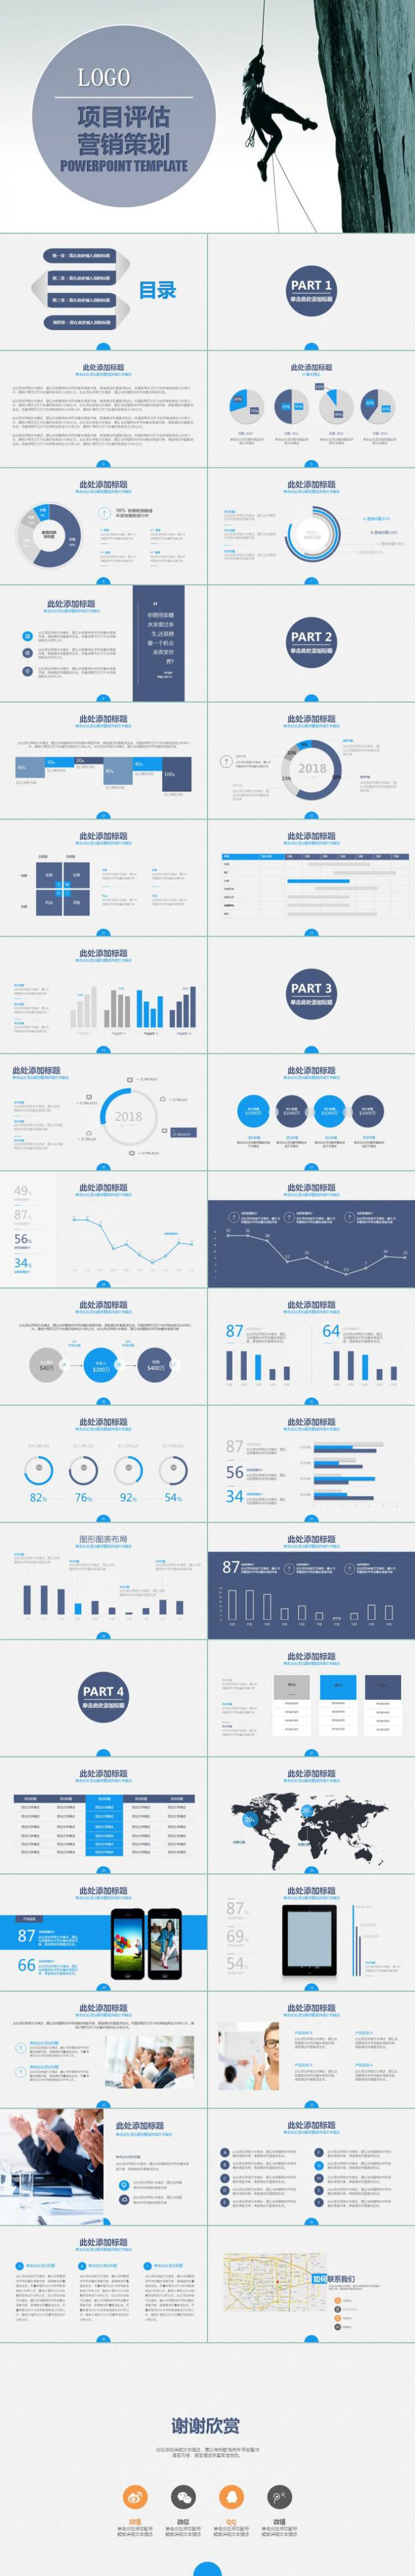 2018年项目评估营销策划工作计划总结PPT模板